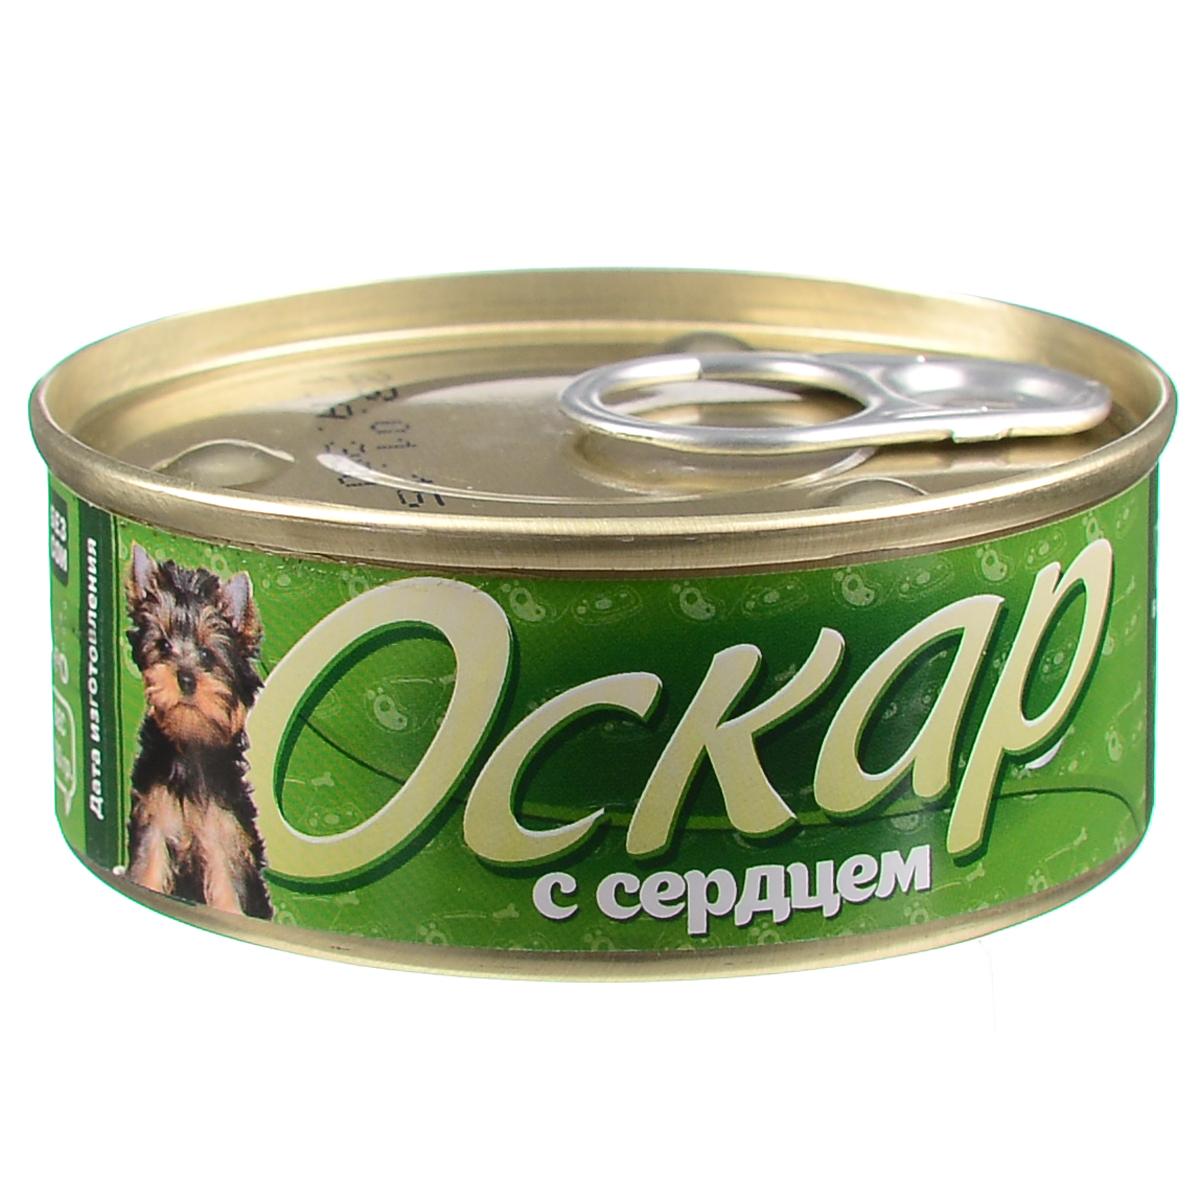 Консервы для собак Оскар, с сердцем, 100 г55966Консервы для собак Оскар изготовлены из натурального мясного сырья. Не содержат сои, ароматизаторов, искусственных красителей, ГМО. Состав: говядина, сердце, субпродукты, растительное масло, натуральная желеобразующая добавка, вода. Пищевая ценность (100 г): протеин 14%, жир 4%, углеводы 4%, клетчатка 0,1%, зола 2%, влага 80%. Энергетическая ценность (на 100 г): 108 кКал. Товар сертифицирован.